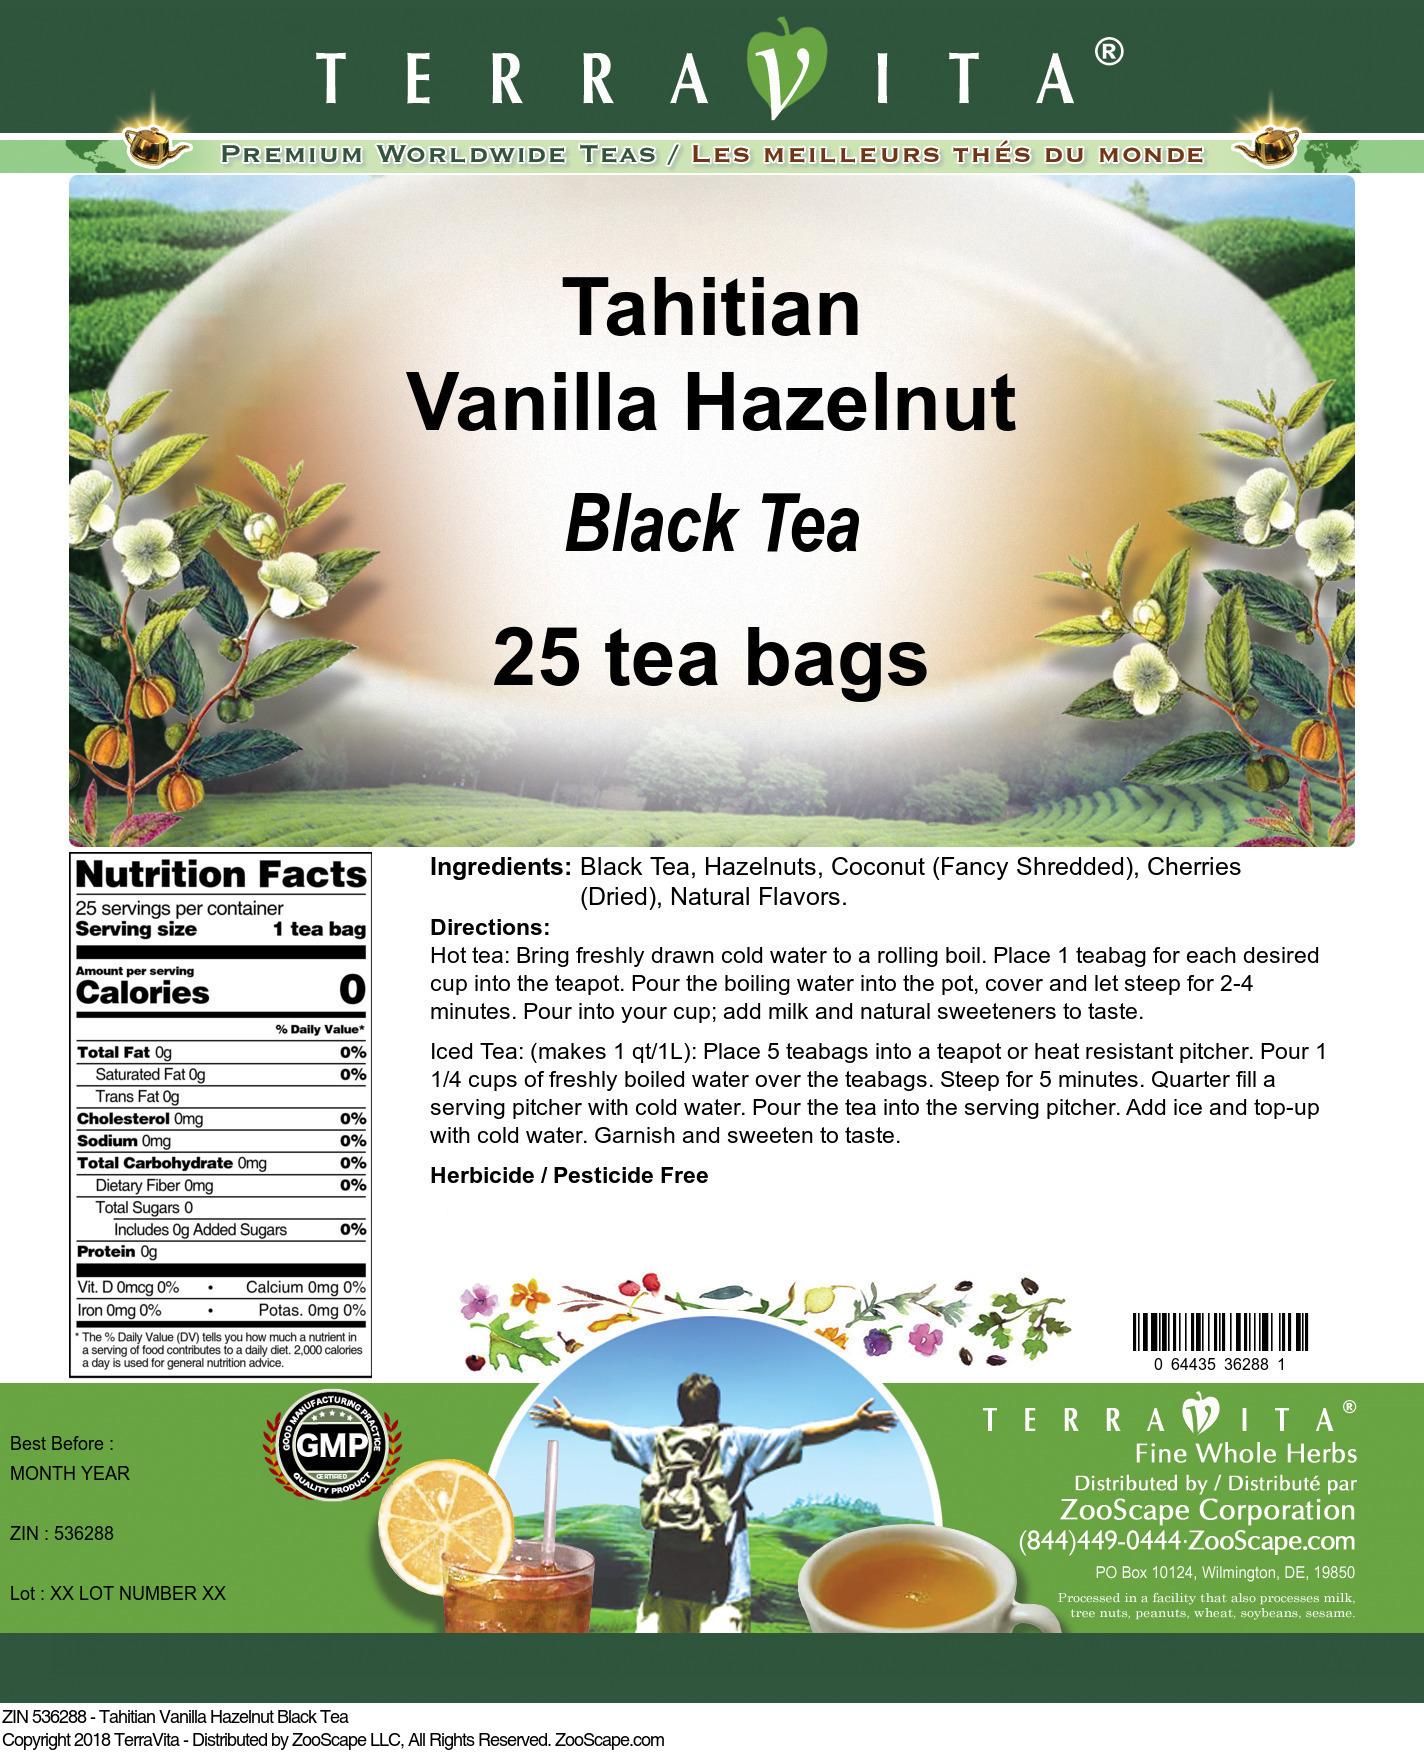 Tahitian Vanilla Hazelnut Black Tea